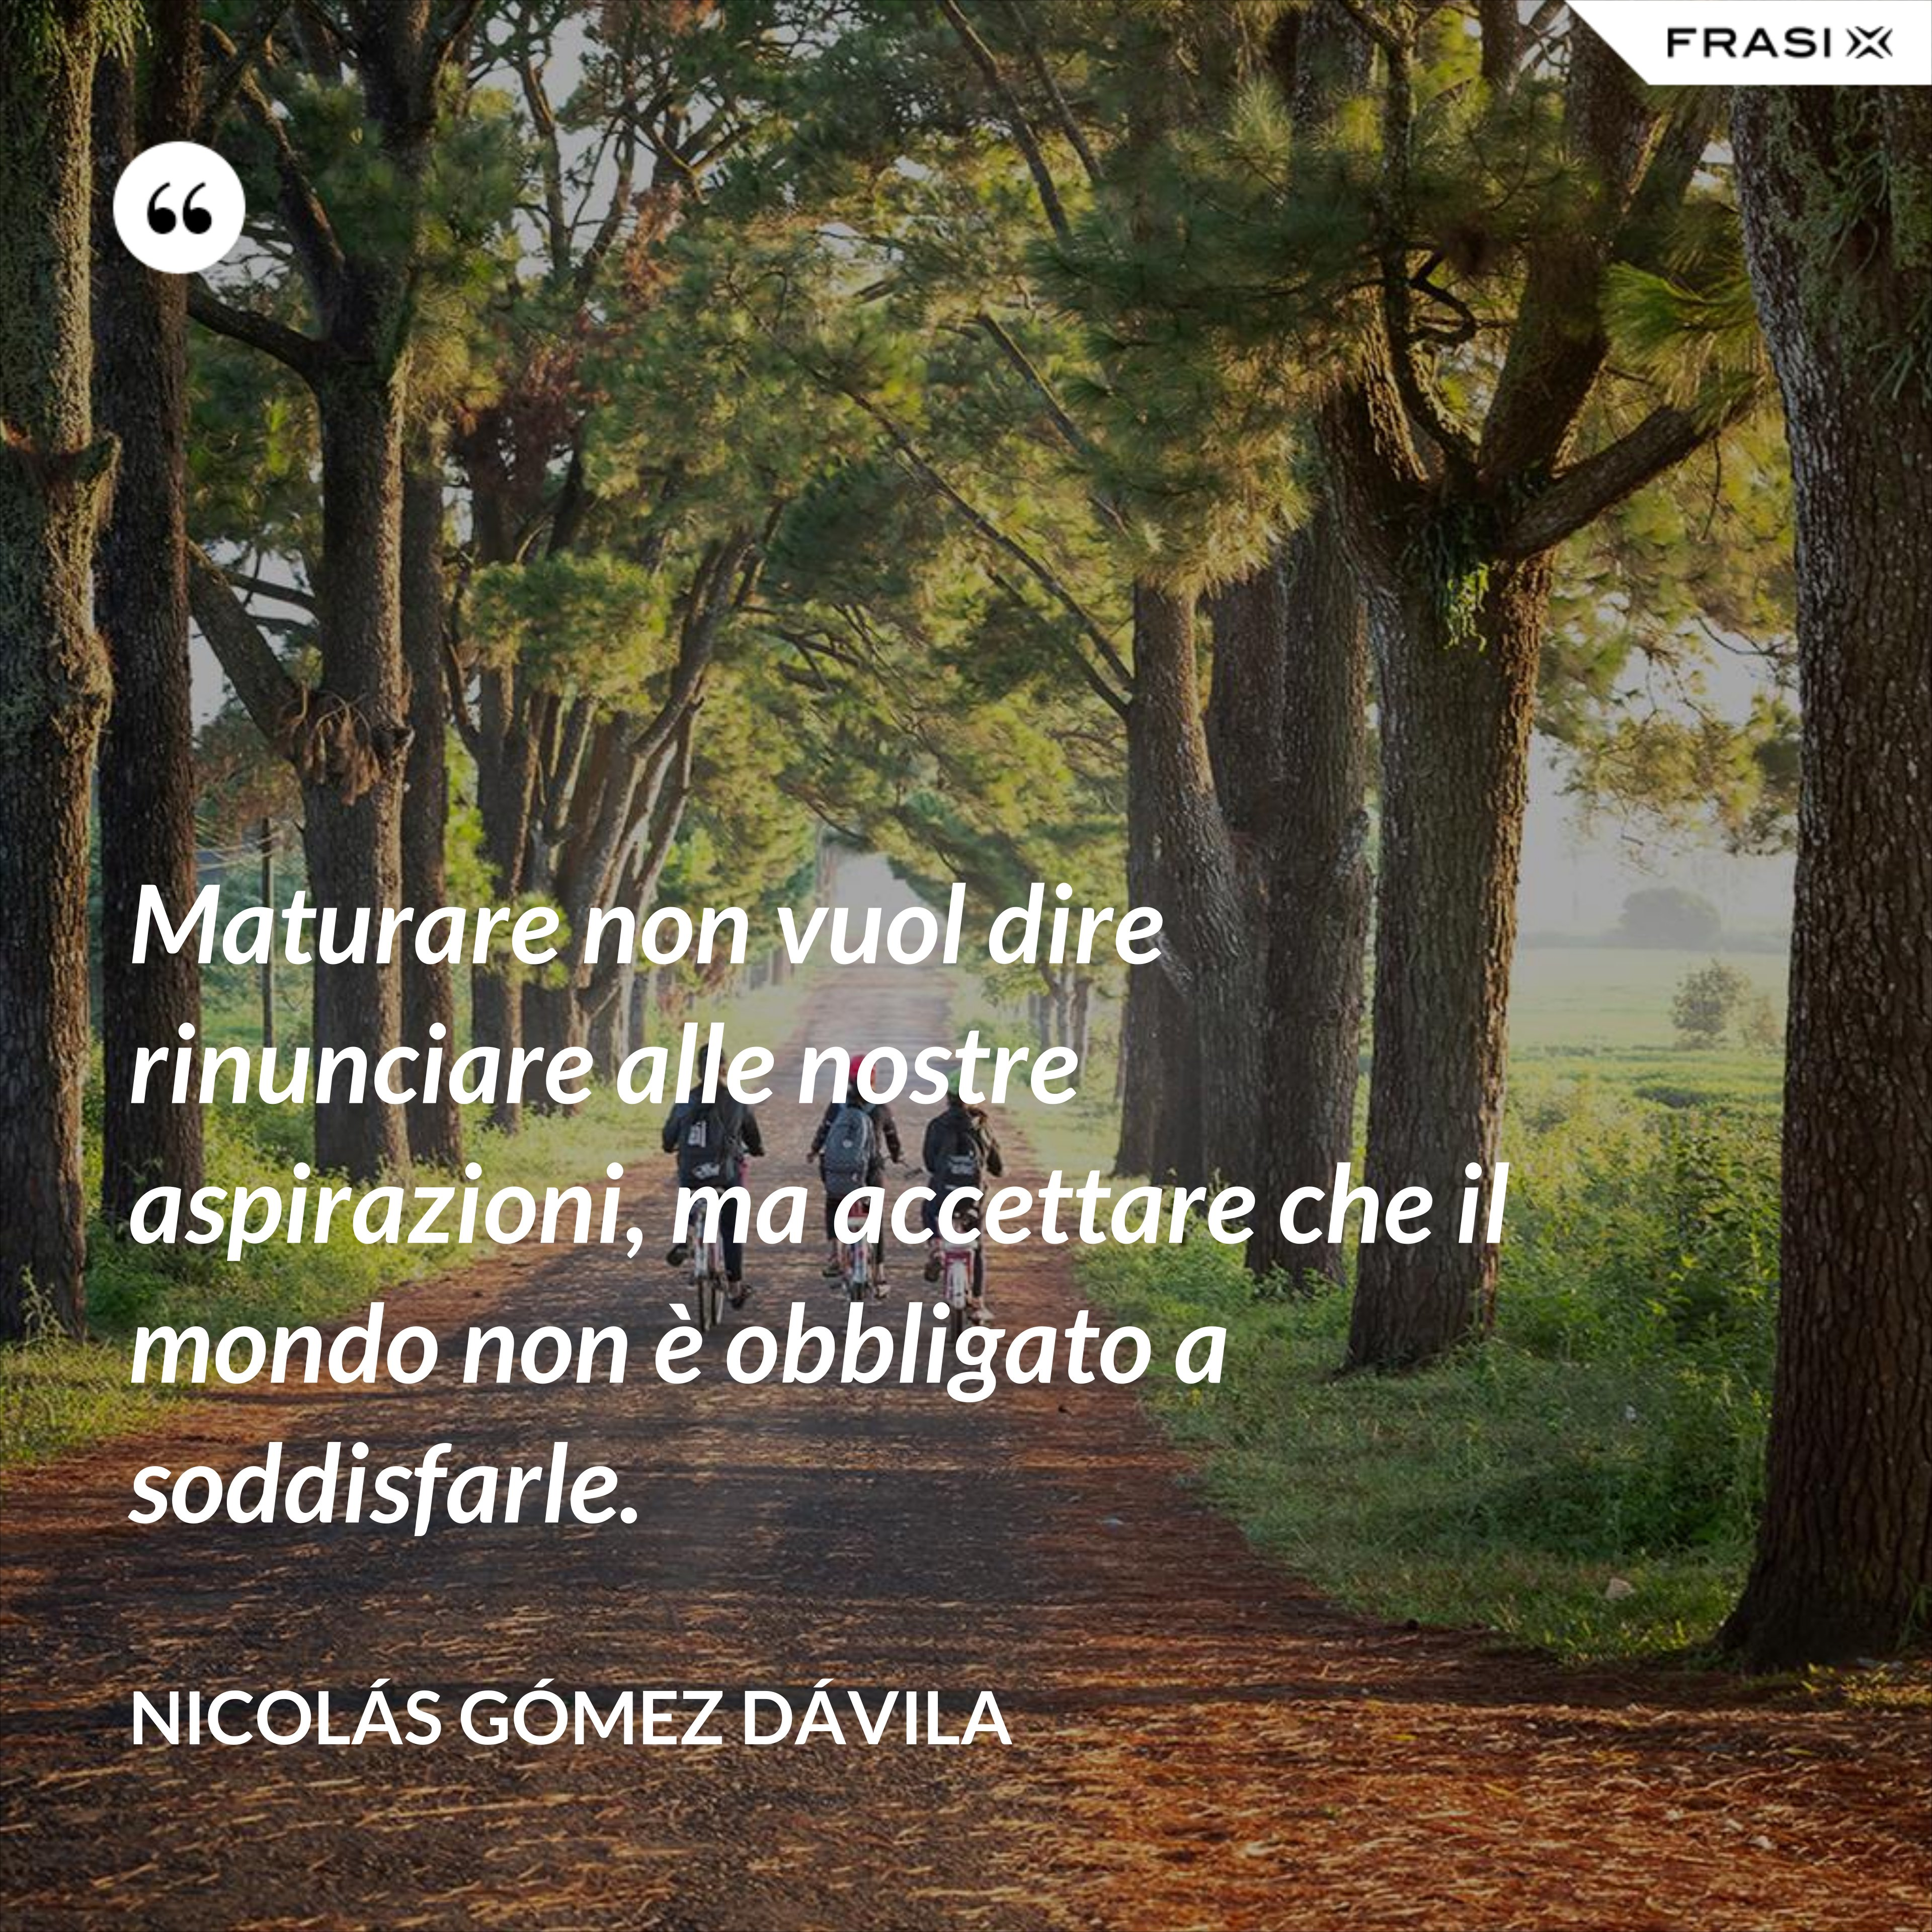 Maturare non vuol dire rinunciare alle nostre aspirazioni, ma accettare che il mondo non è obbligato a soddisfarle. - Nicolás Gómez Dávila